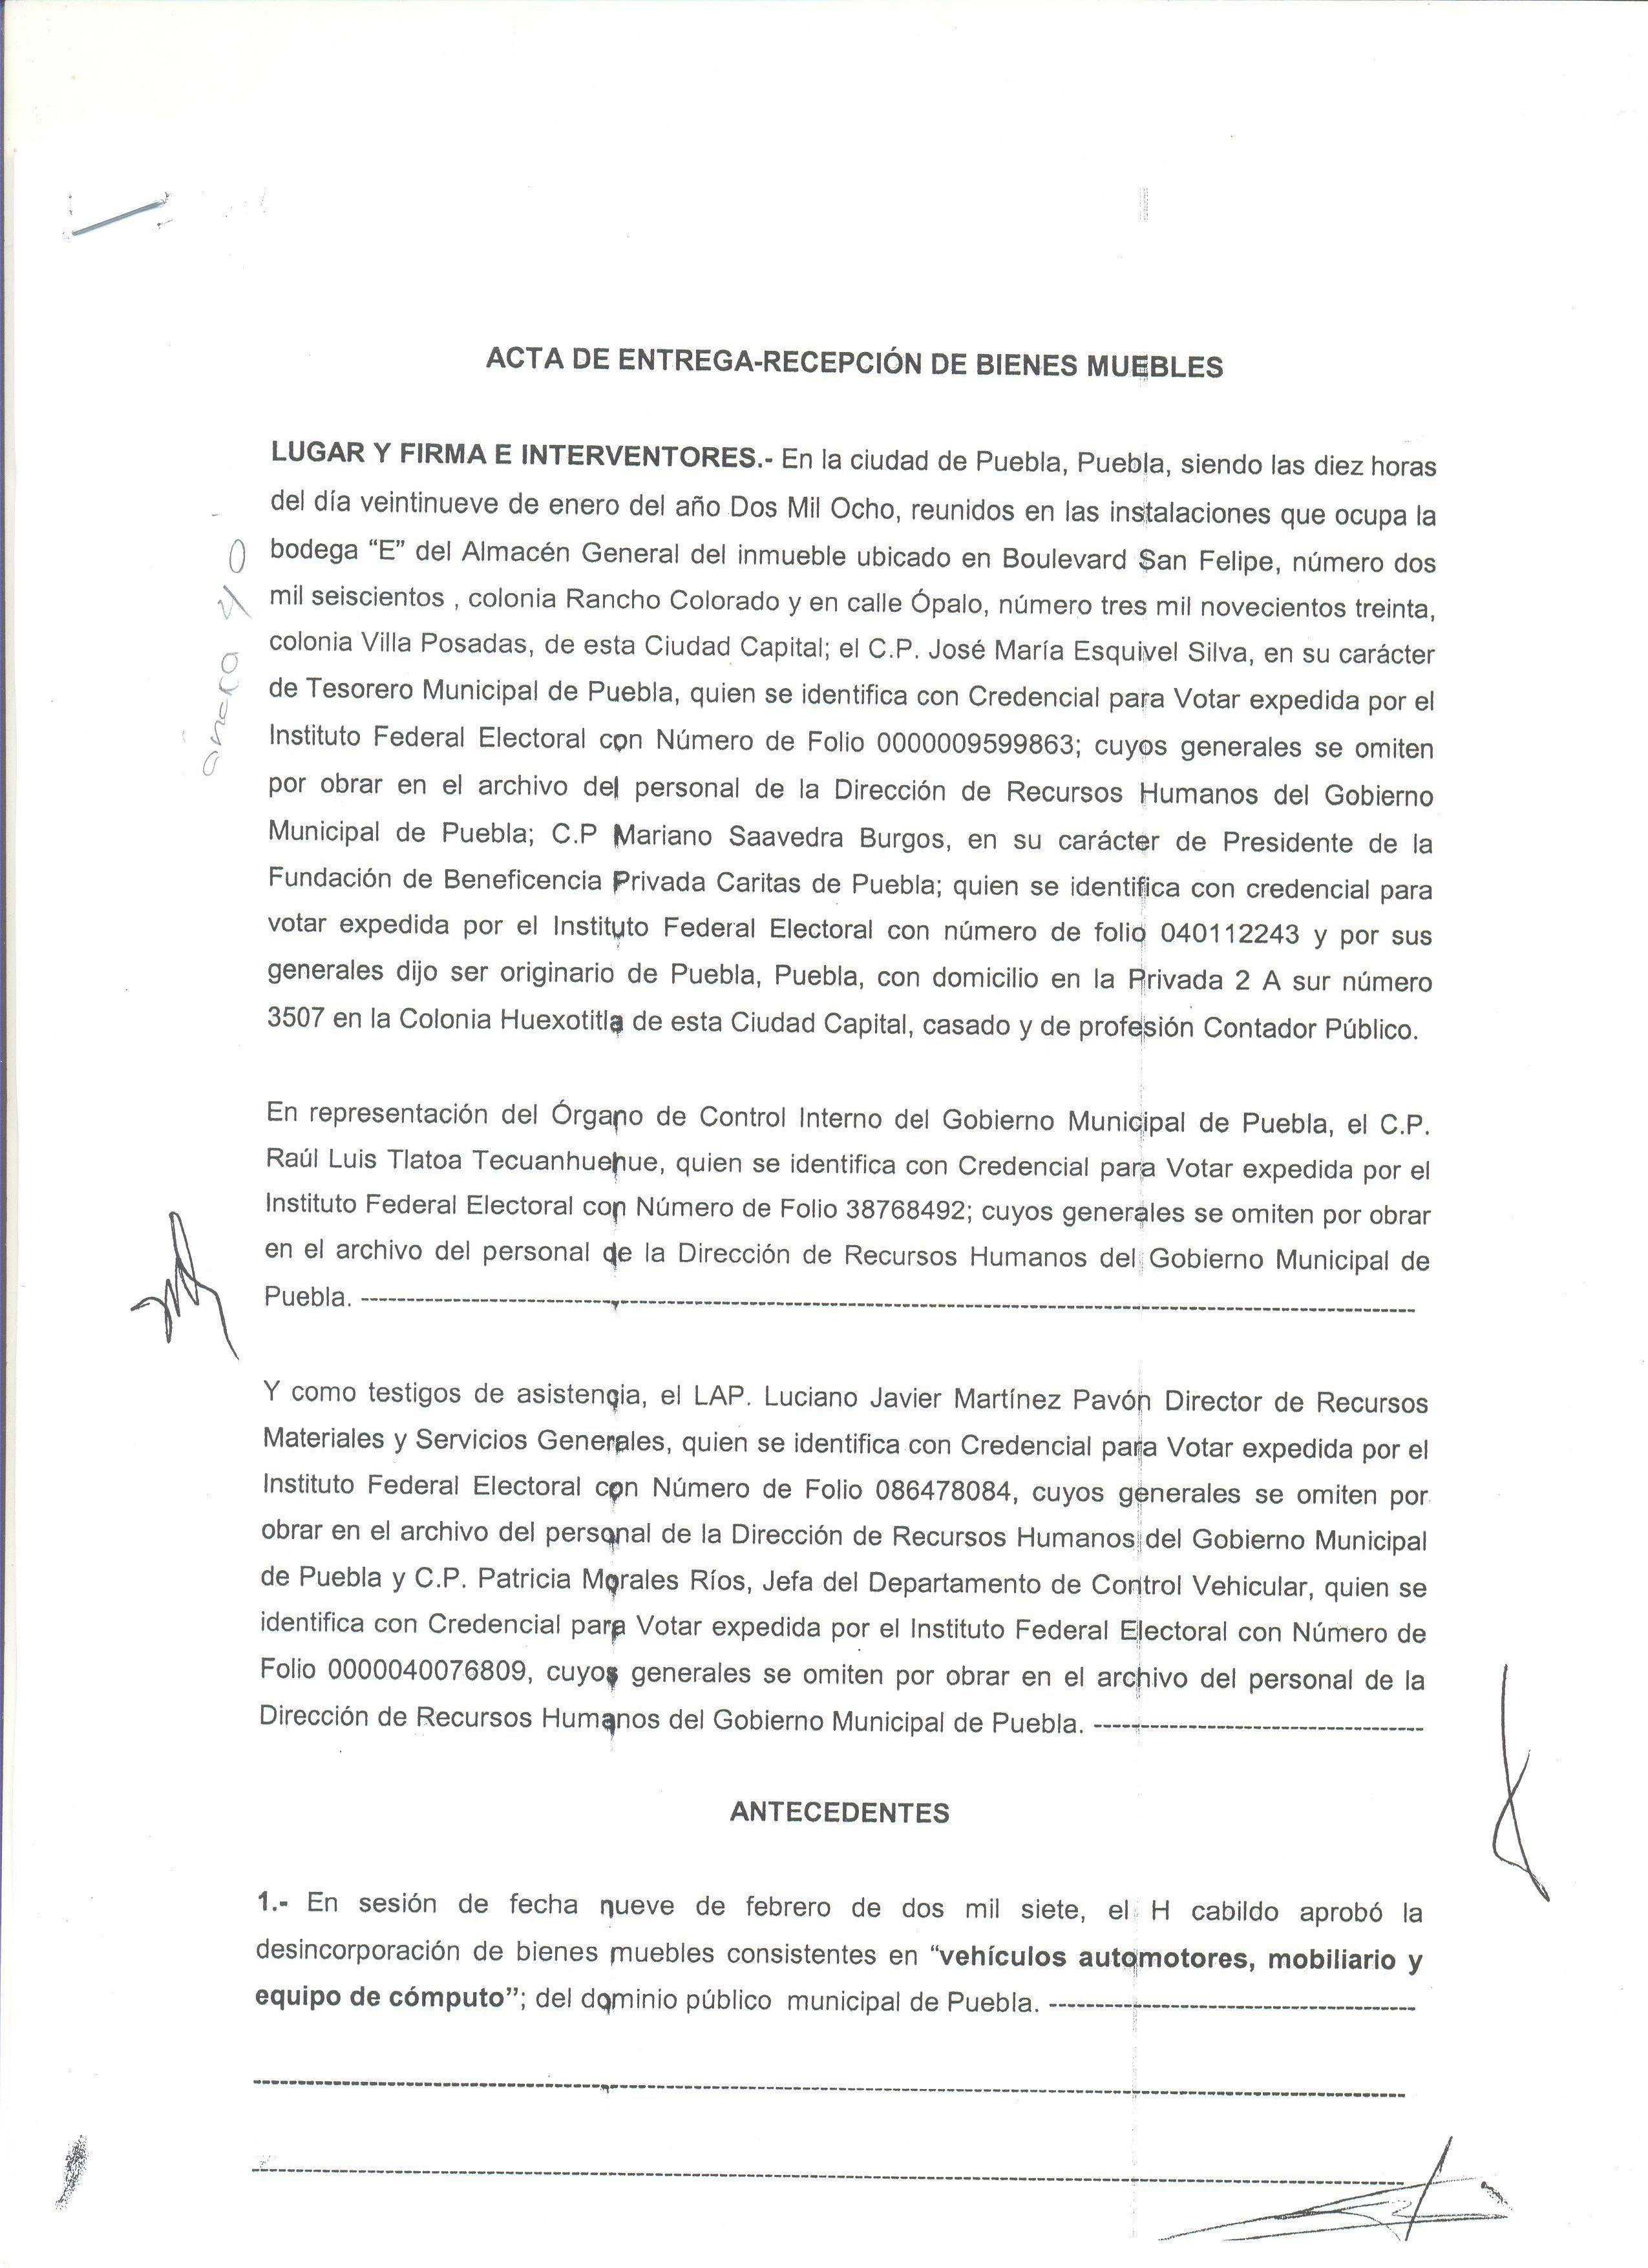 Hunden Documentos La Versi N De Saavedra Zoon Politikon Www  # Bienes Muebles Vehiculos